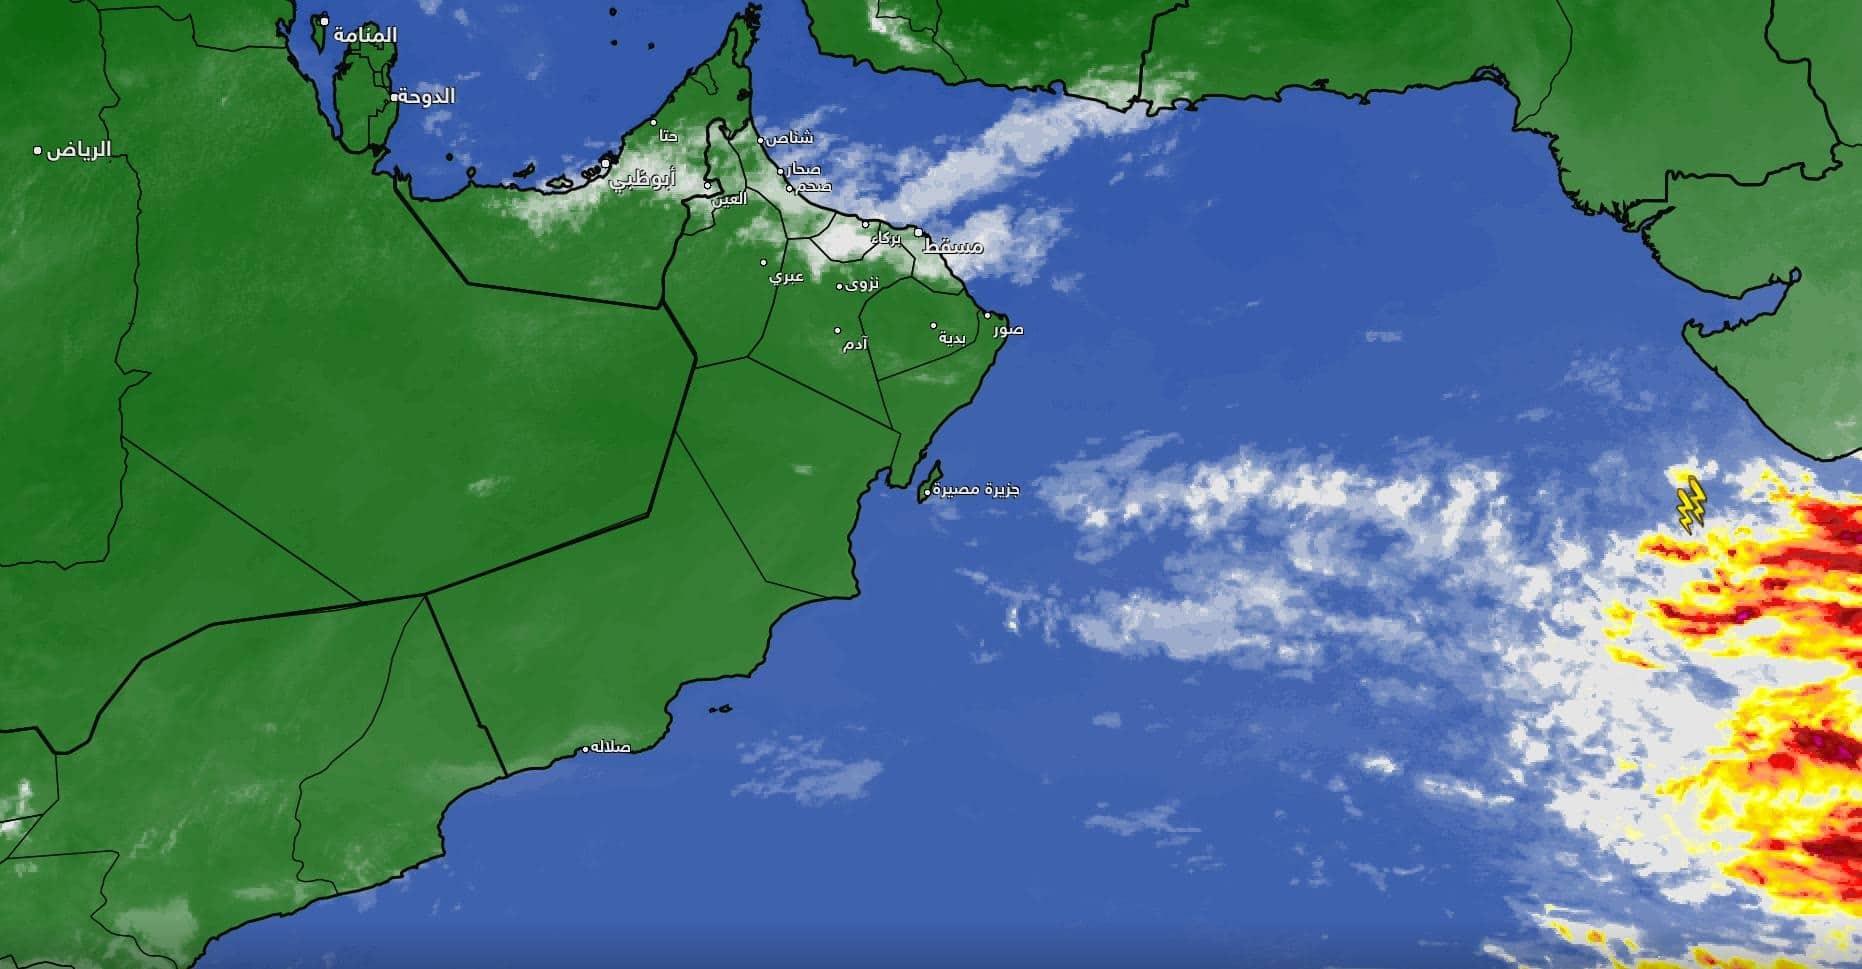 الحالة الجوية في سلطنة عمان